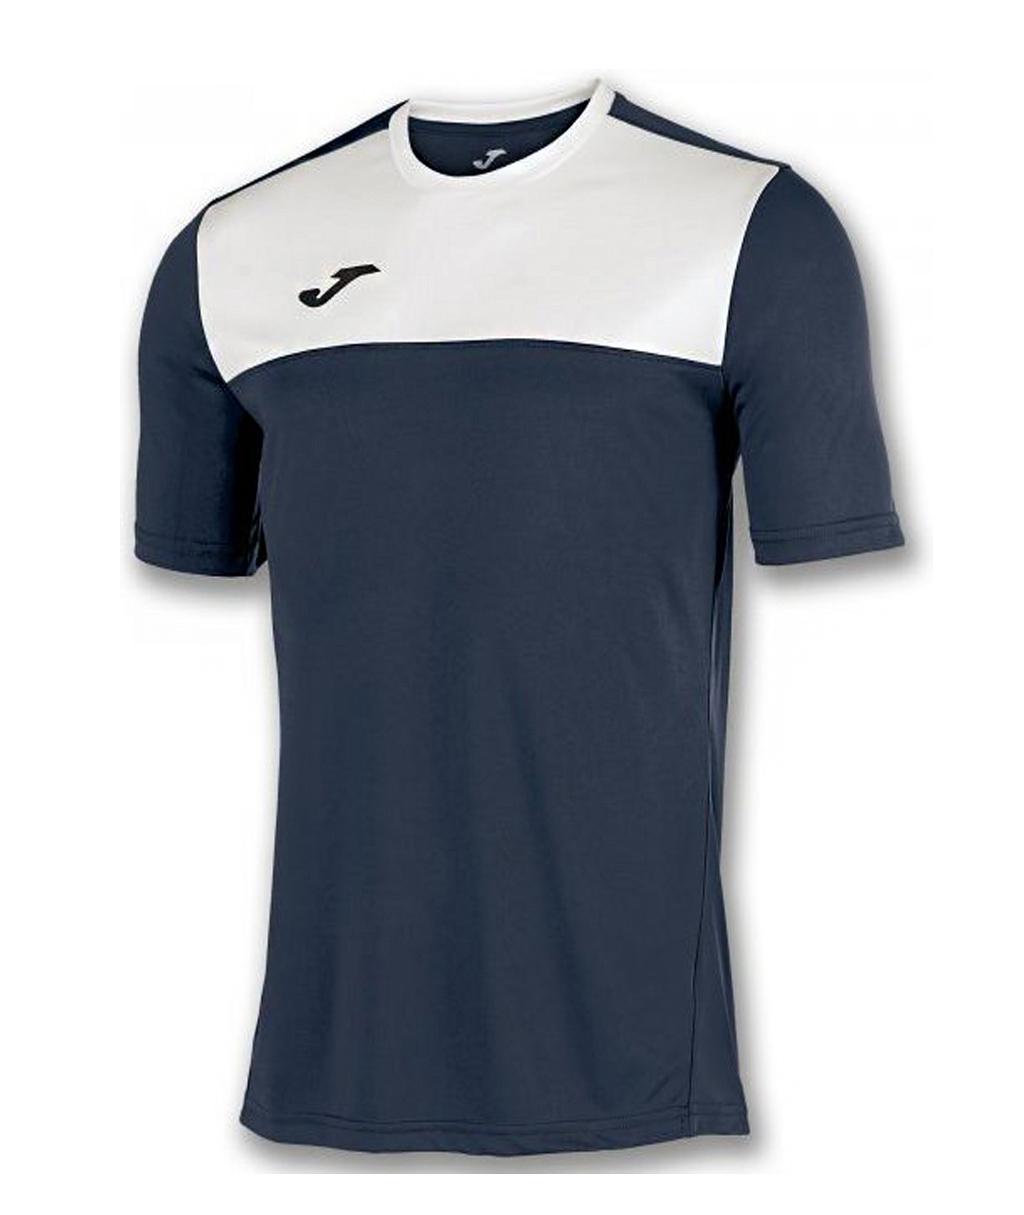 Купить футболку Joma Winner 100946.331 в интернет-магазине